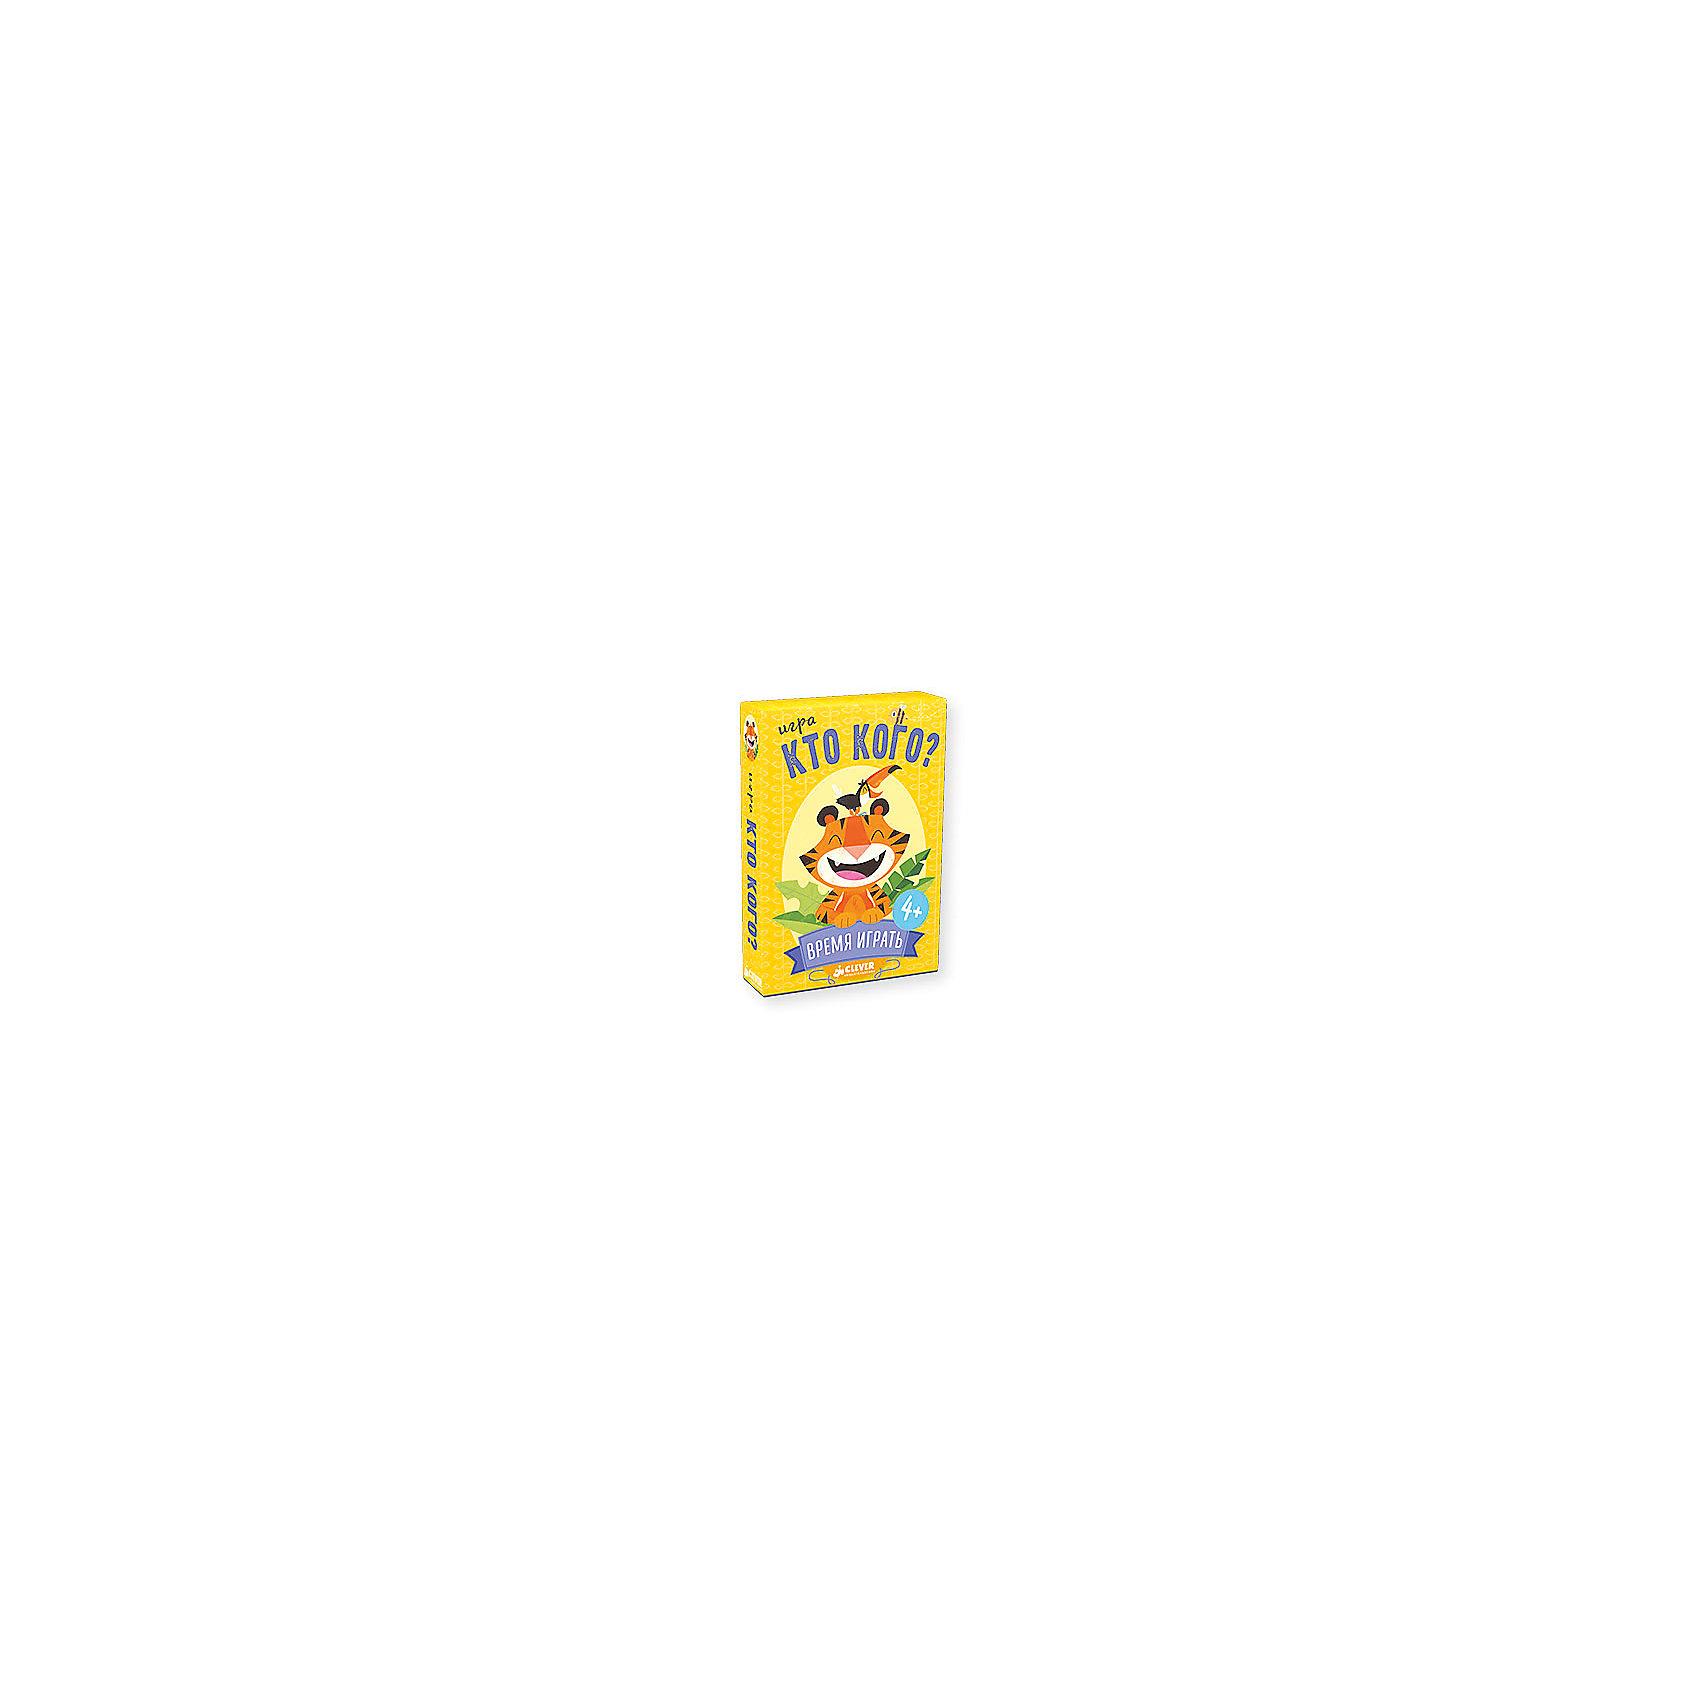 Игра Кто кого?, Время играть!Настольные игры для всей семьи<br>Характеристики:<br><br>• Вид игр: обучающие, развивающие<br>• Серия: Настольные игры<br>• Пол: универсальный<br>• Количество игроков: от 2-х до 4-х человек<br>• Длительность сеанса: до 20 минут<br>• Материал: мелованная бумага, картон<br>• Комплектация: 42 карты, инструкция с правилами игры<br>• Размеры упаковки (Д*Ш*В): 12,5*2*8,5 см<br>• Тип упаковки: картонная коробка<br>• Вес в упаковке: 172 г<br><br>Игра Кто кого?, Время играть! выпущена отечественным издательством Clever, которое специализируется на выпуске обучающей и развивающей детской литературы. Настольная игра  предназначена для веселого времяпрепровождения от 2-х до 4-х человек, при этом играть в нее могут как дети, так и взрослые. Игра состоит из 42 карточек с изображением животных разного размера. <br><br>Задача игроков заключается в том, чтобы как можно быстрее соперников собрать всю колоду карт. Карты выполнены из мелованной бумаги, изображения и надписи выполнены устойчивыми красками, благодаря чему игра прослужит длительное время. Игра Кто кого?, Время играть! направлена на развитие скорости реакции, внимательности и памяти. Настольная игра имеет компактный размер, поэтому ее удобно брать с собой в поездки и путешествия.<br><br>Игру Кто кого?, Время играть! можно купить в нашем интернет-магазине.<br><br>Ширина мм: 125<br>Глубина мм: 85<br>Высота мм: 20<br>Вес г: 172<br>Возраст от месяцев: 84<br>Возраст до месяцев: 132<br>Пол: Унисекс<br>Возраст: Детский<br>SKU: 5348099